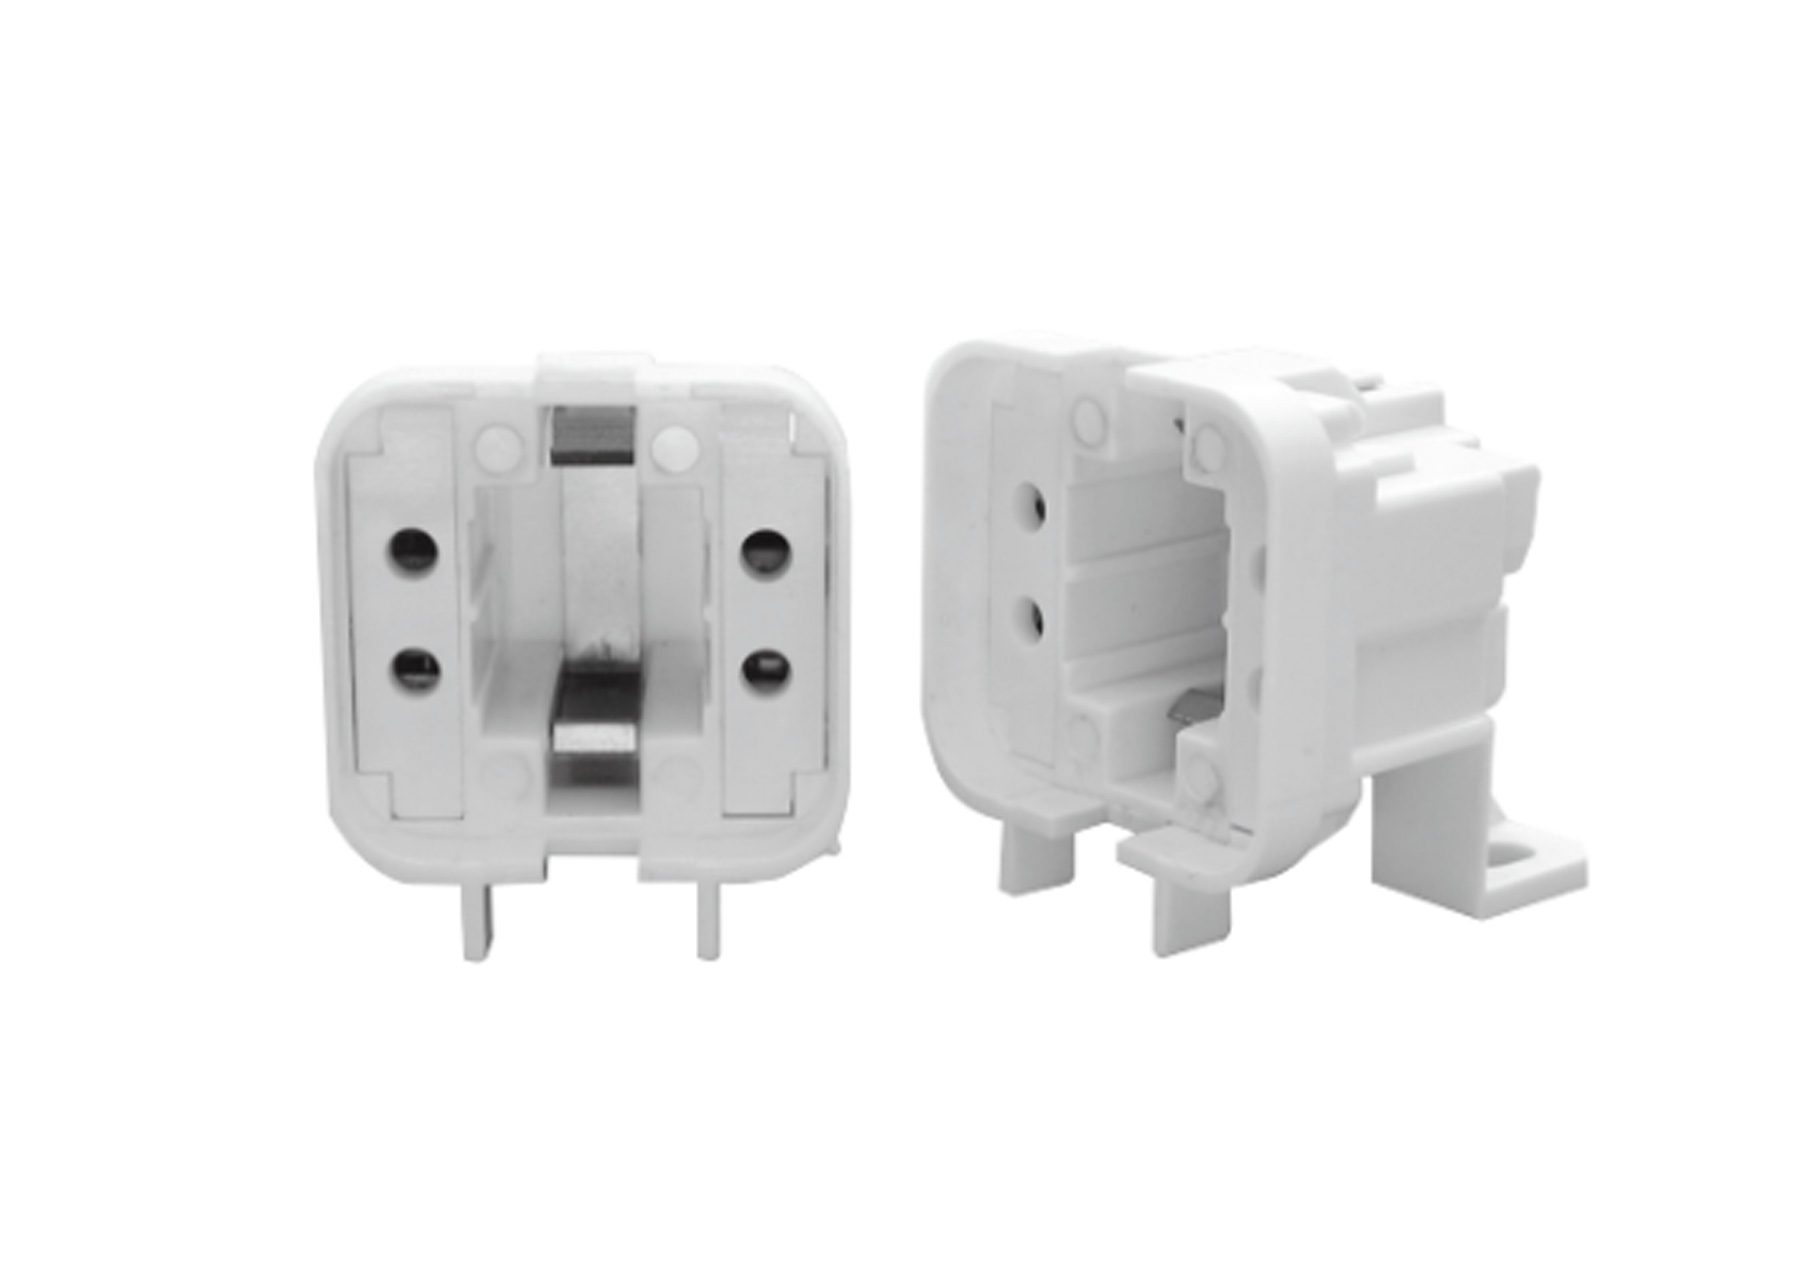 GX24-Q2 CFL Light Socket